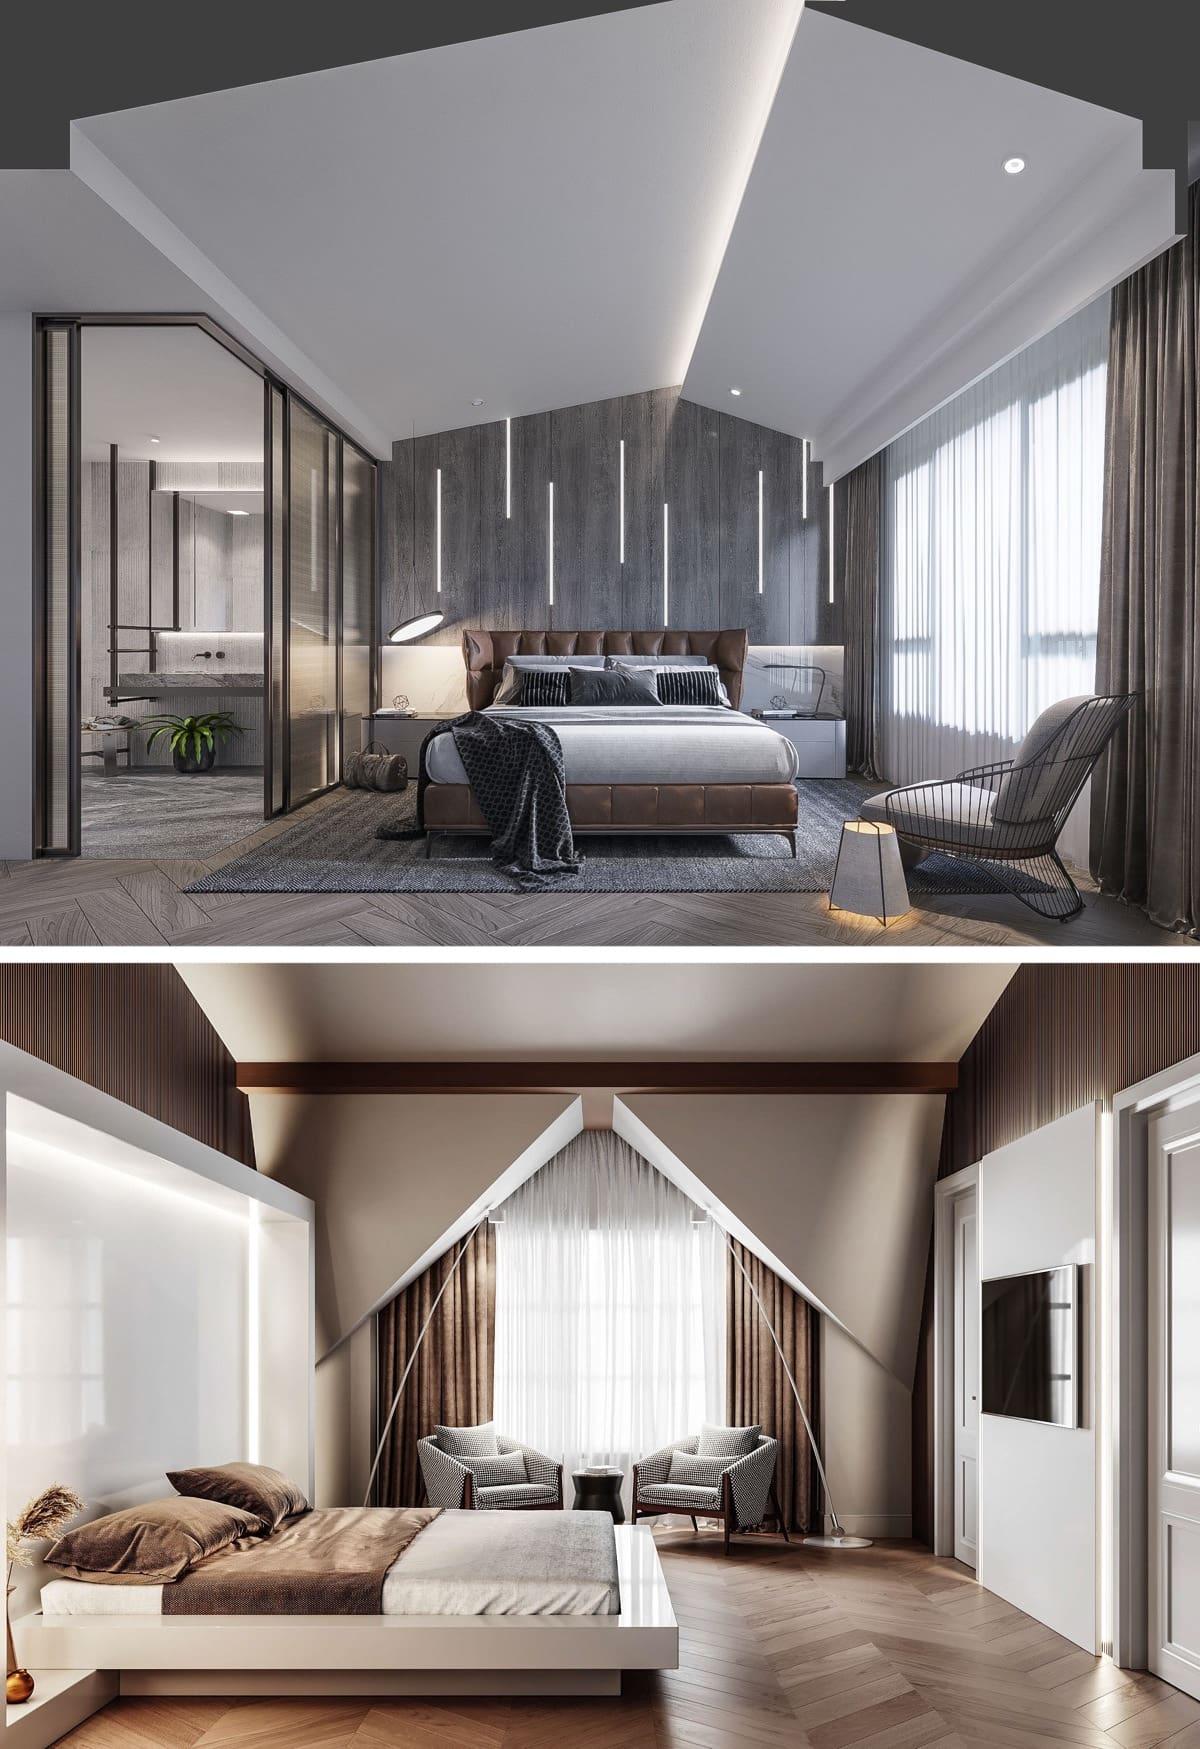 Интересный вариант многоуровневого потолка с красивым и необычным дизайном